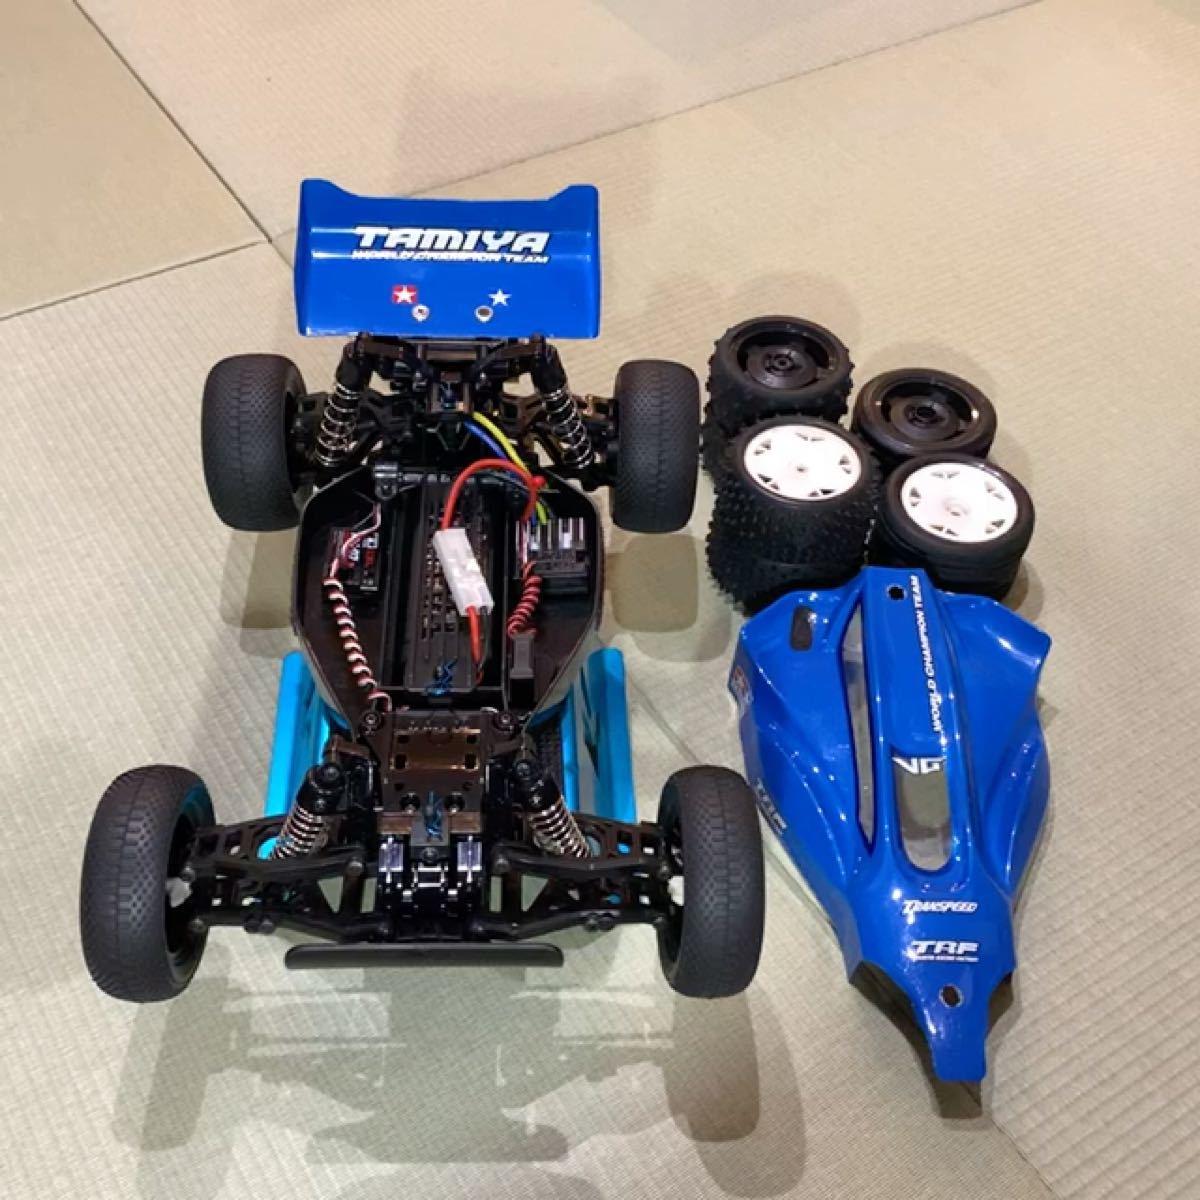 【土日限定値下】TAMIYA DT-02オフロードバギー メカ、プロポ、オプション多数、タイヤ数種、説明書付き、希少ボディセット